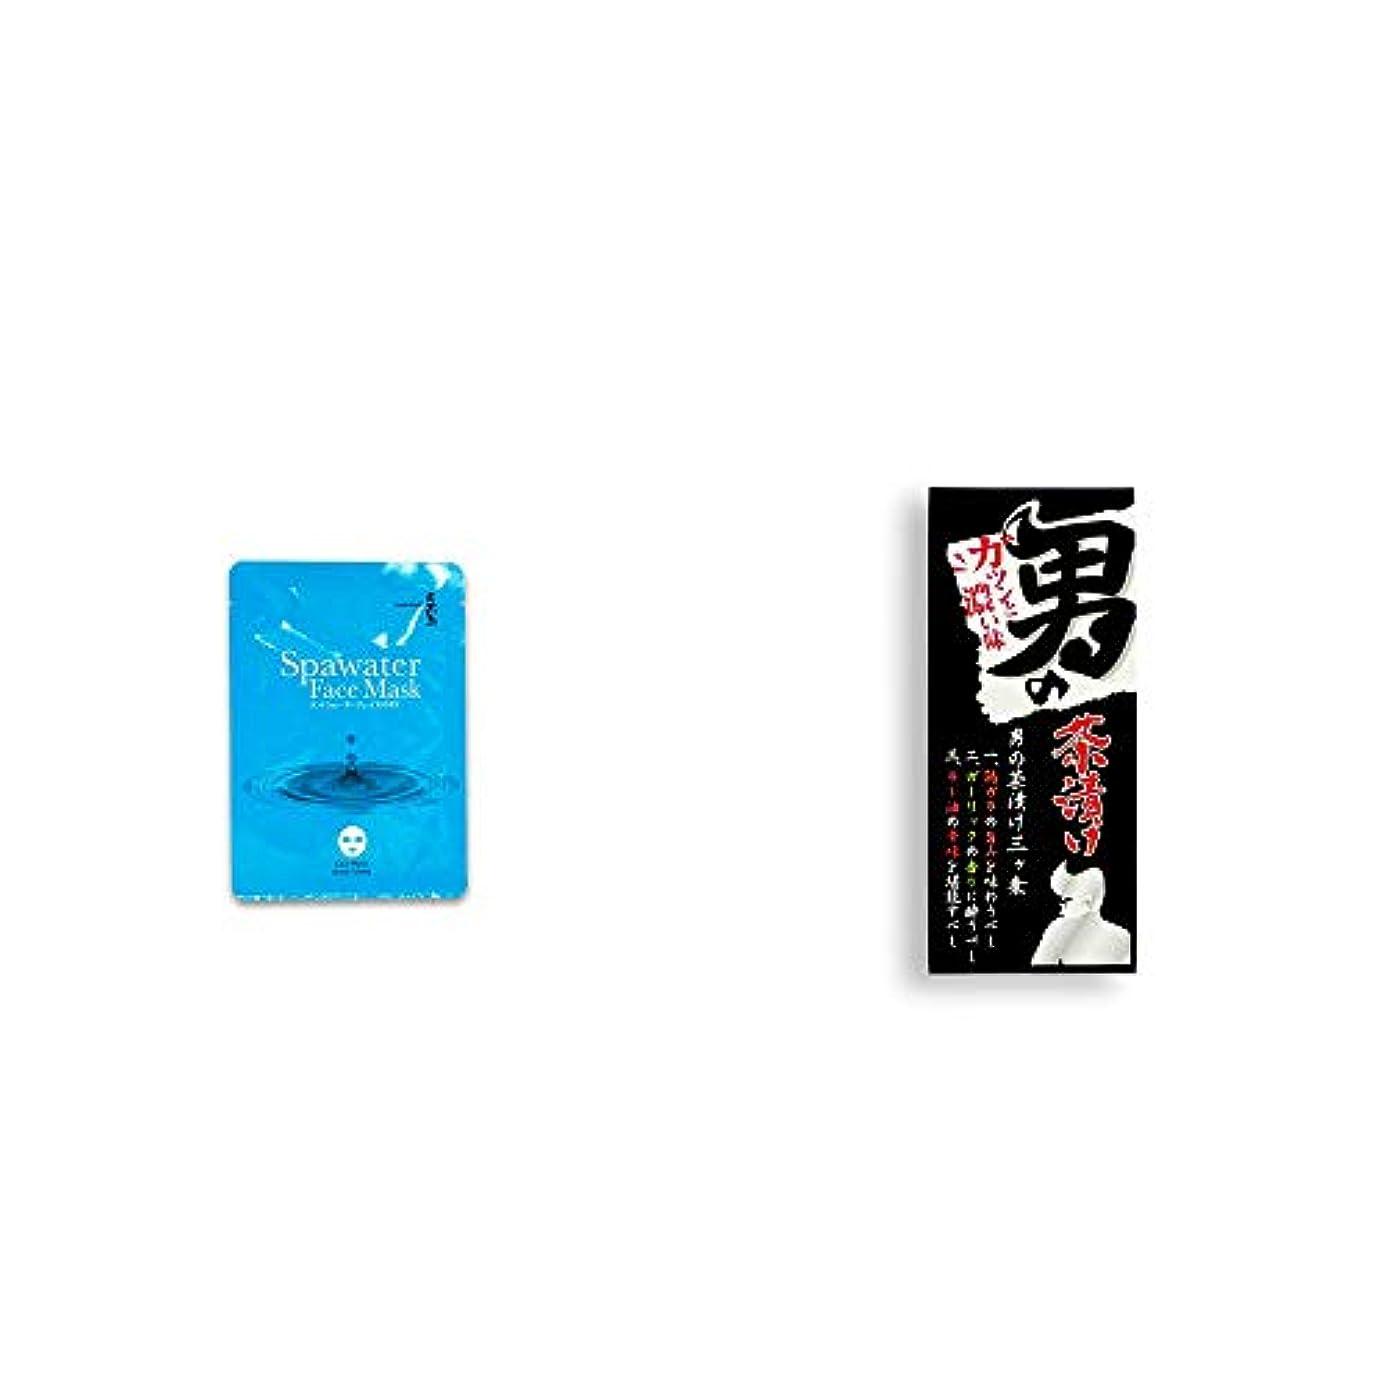 情緒的ガソリン十代[2点セット] ひのき炭黒泉 スパウォーターフェイスマスク(18ml×3枚入)?男の茶漬け(4.8g×8袋)